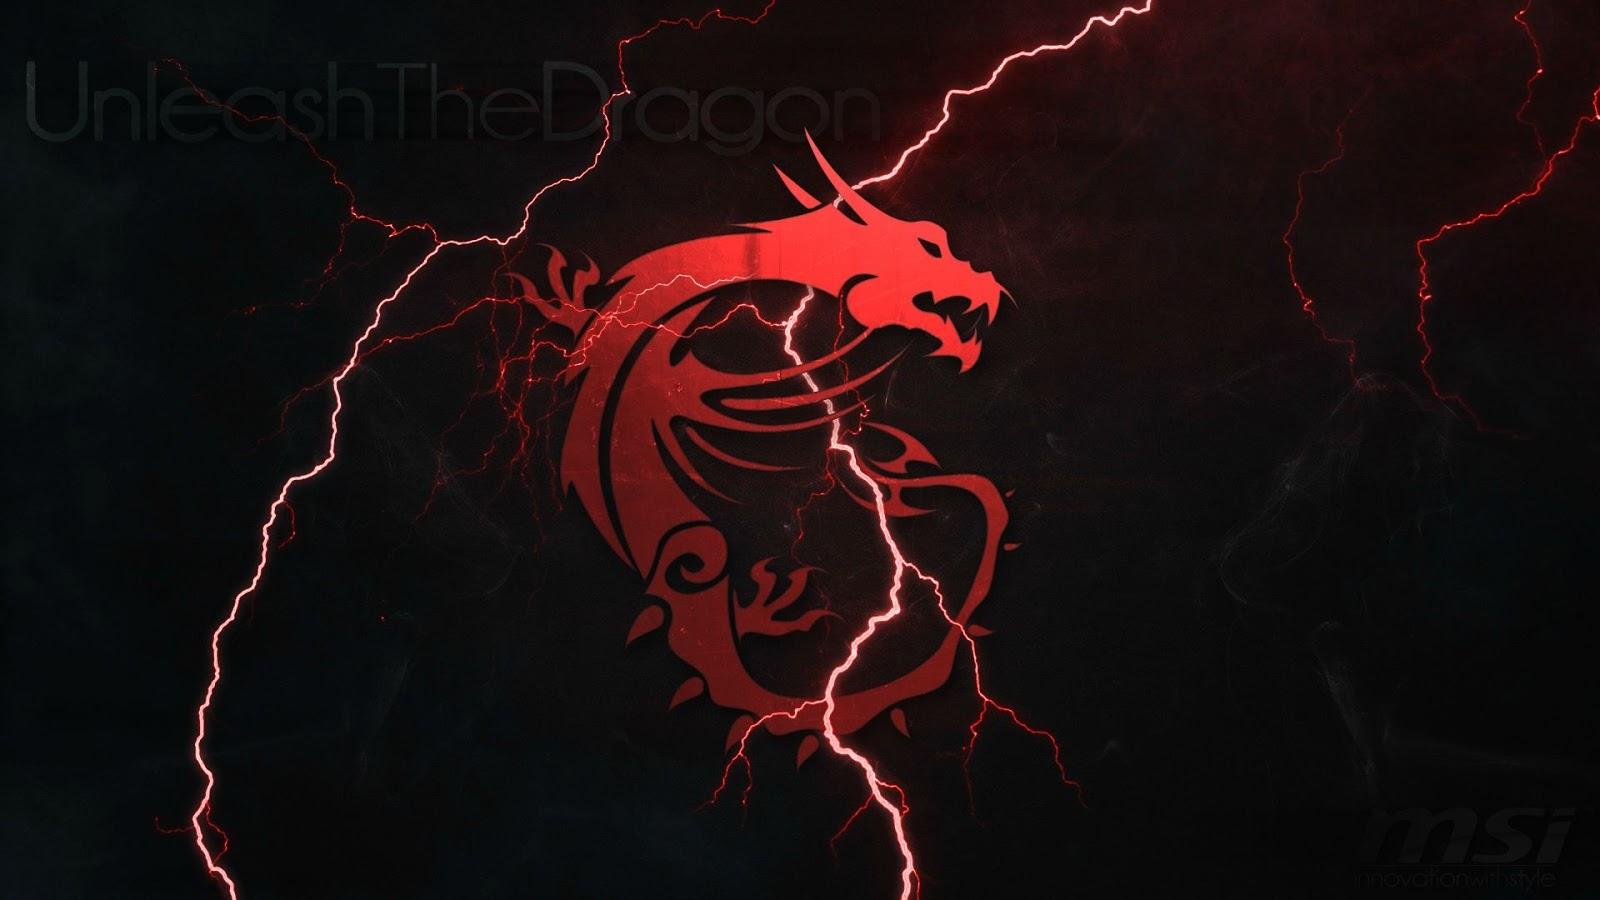 MSI Gaming Dragon Wallpaper  WallpaperSafari